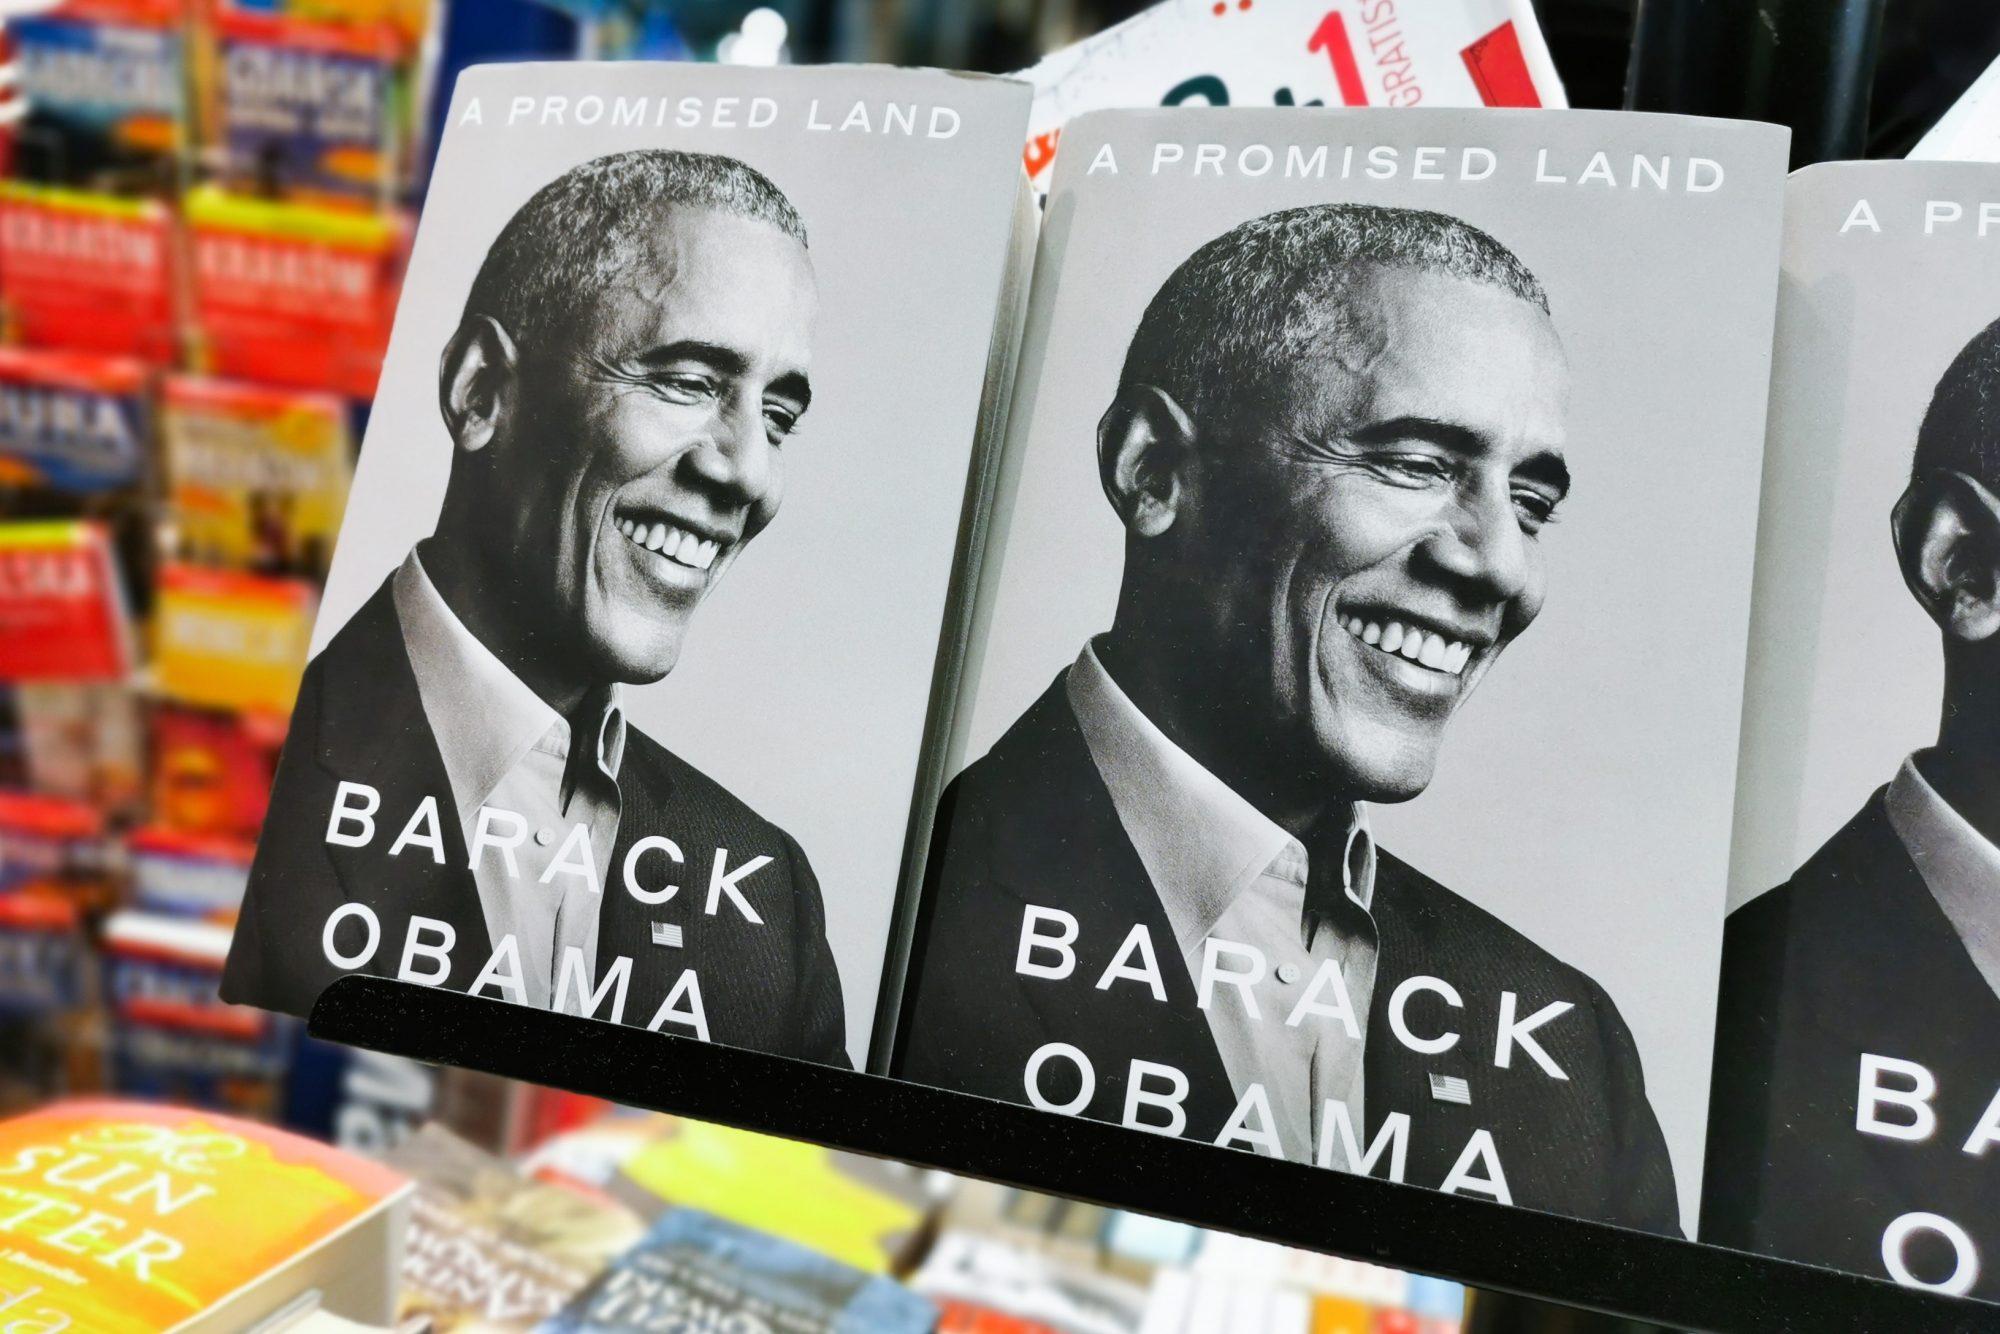 Barack Obama's book